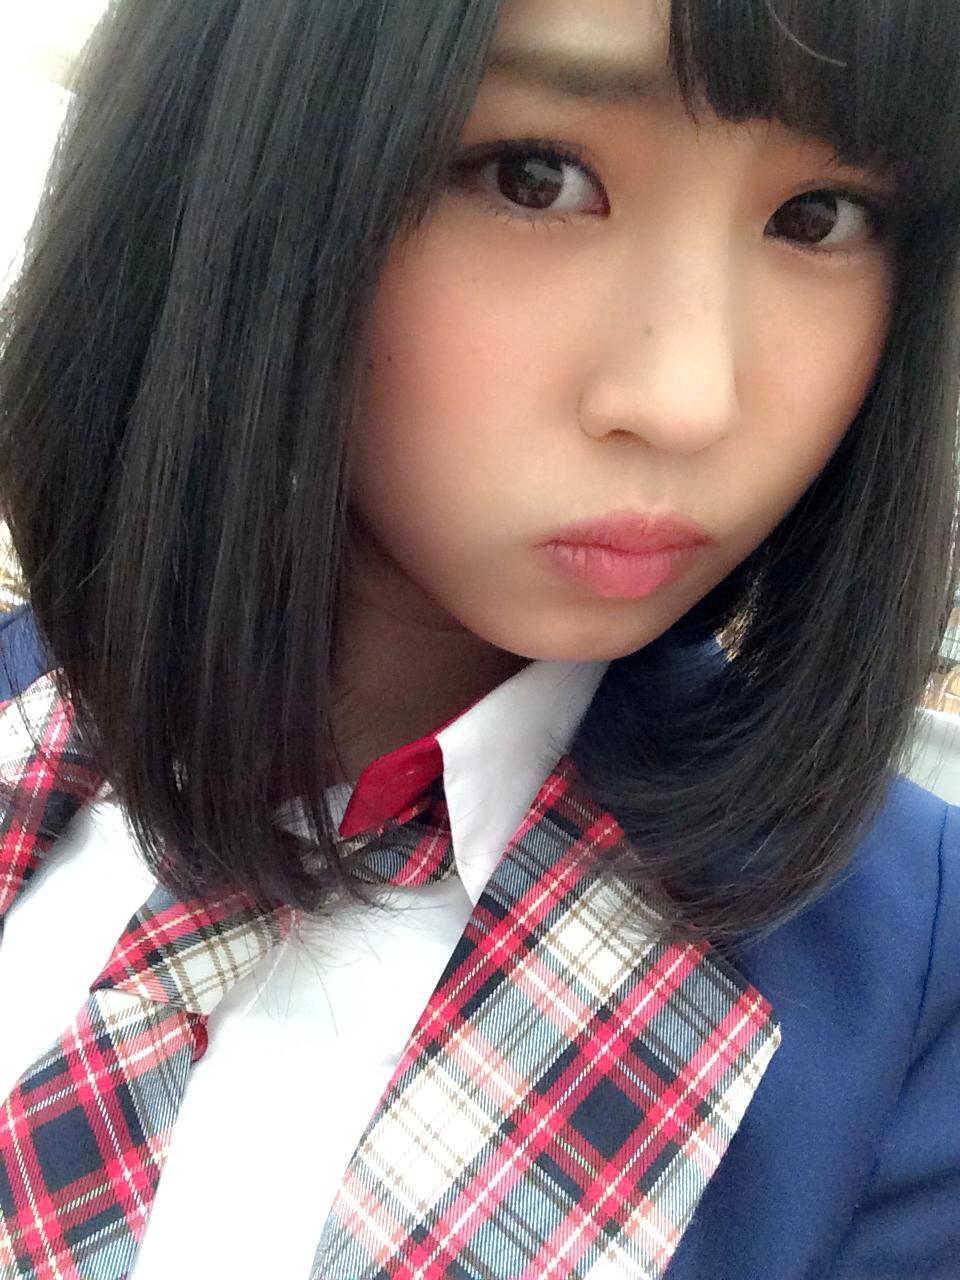 NMB48古賀成美(なる)の水着グラビア画像はあるのか?胸は何カップ?のサムネイル画像